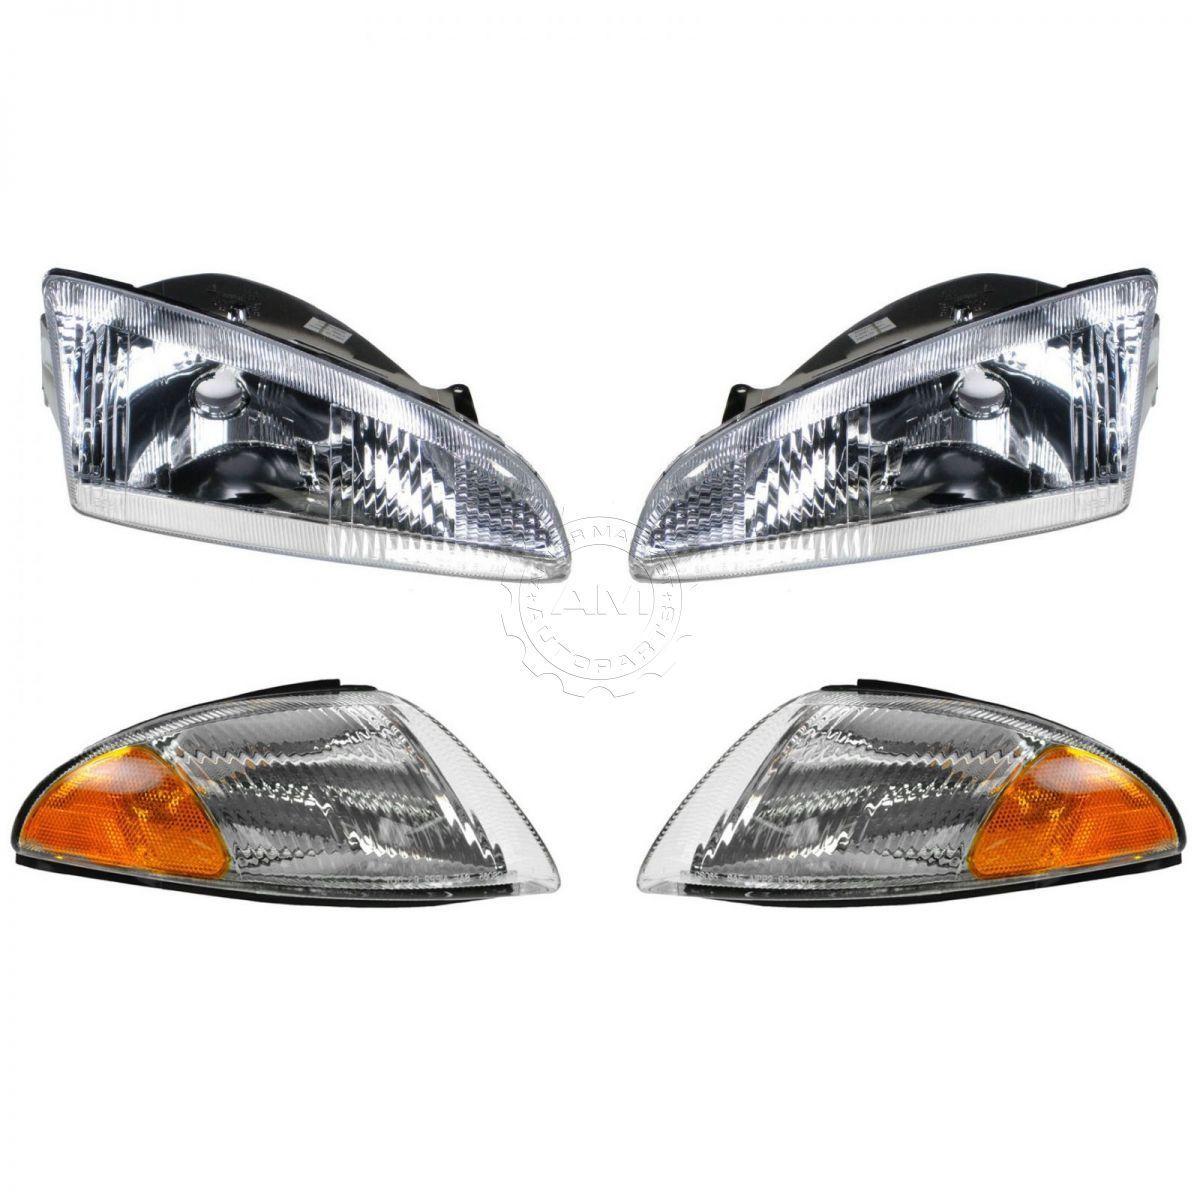 コーナーライト Headlights & Parking Corner Lights Left & Right Kit Set for 95-97 Dodge Intrepid ヘッドライト& 駐車コーナーライト左& 95-97 Dodge Intrepidのための正しいキットセット